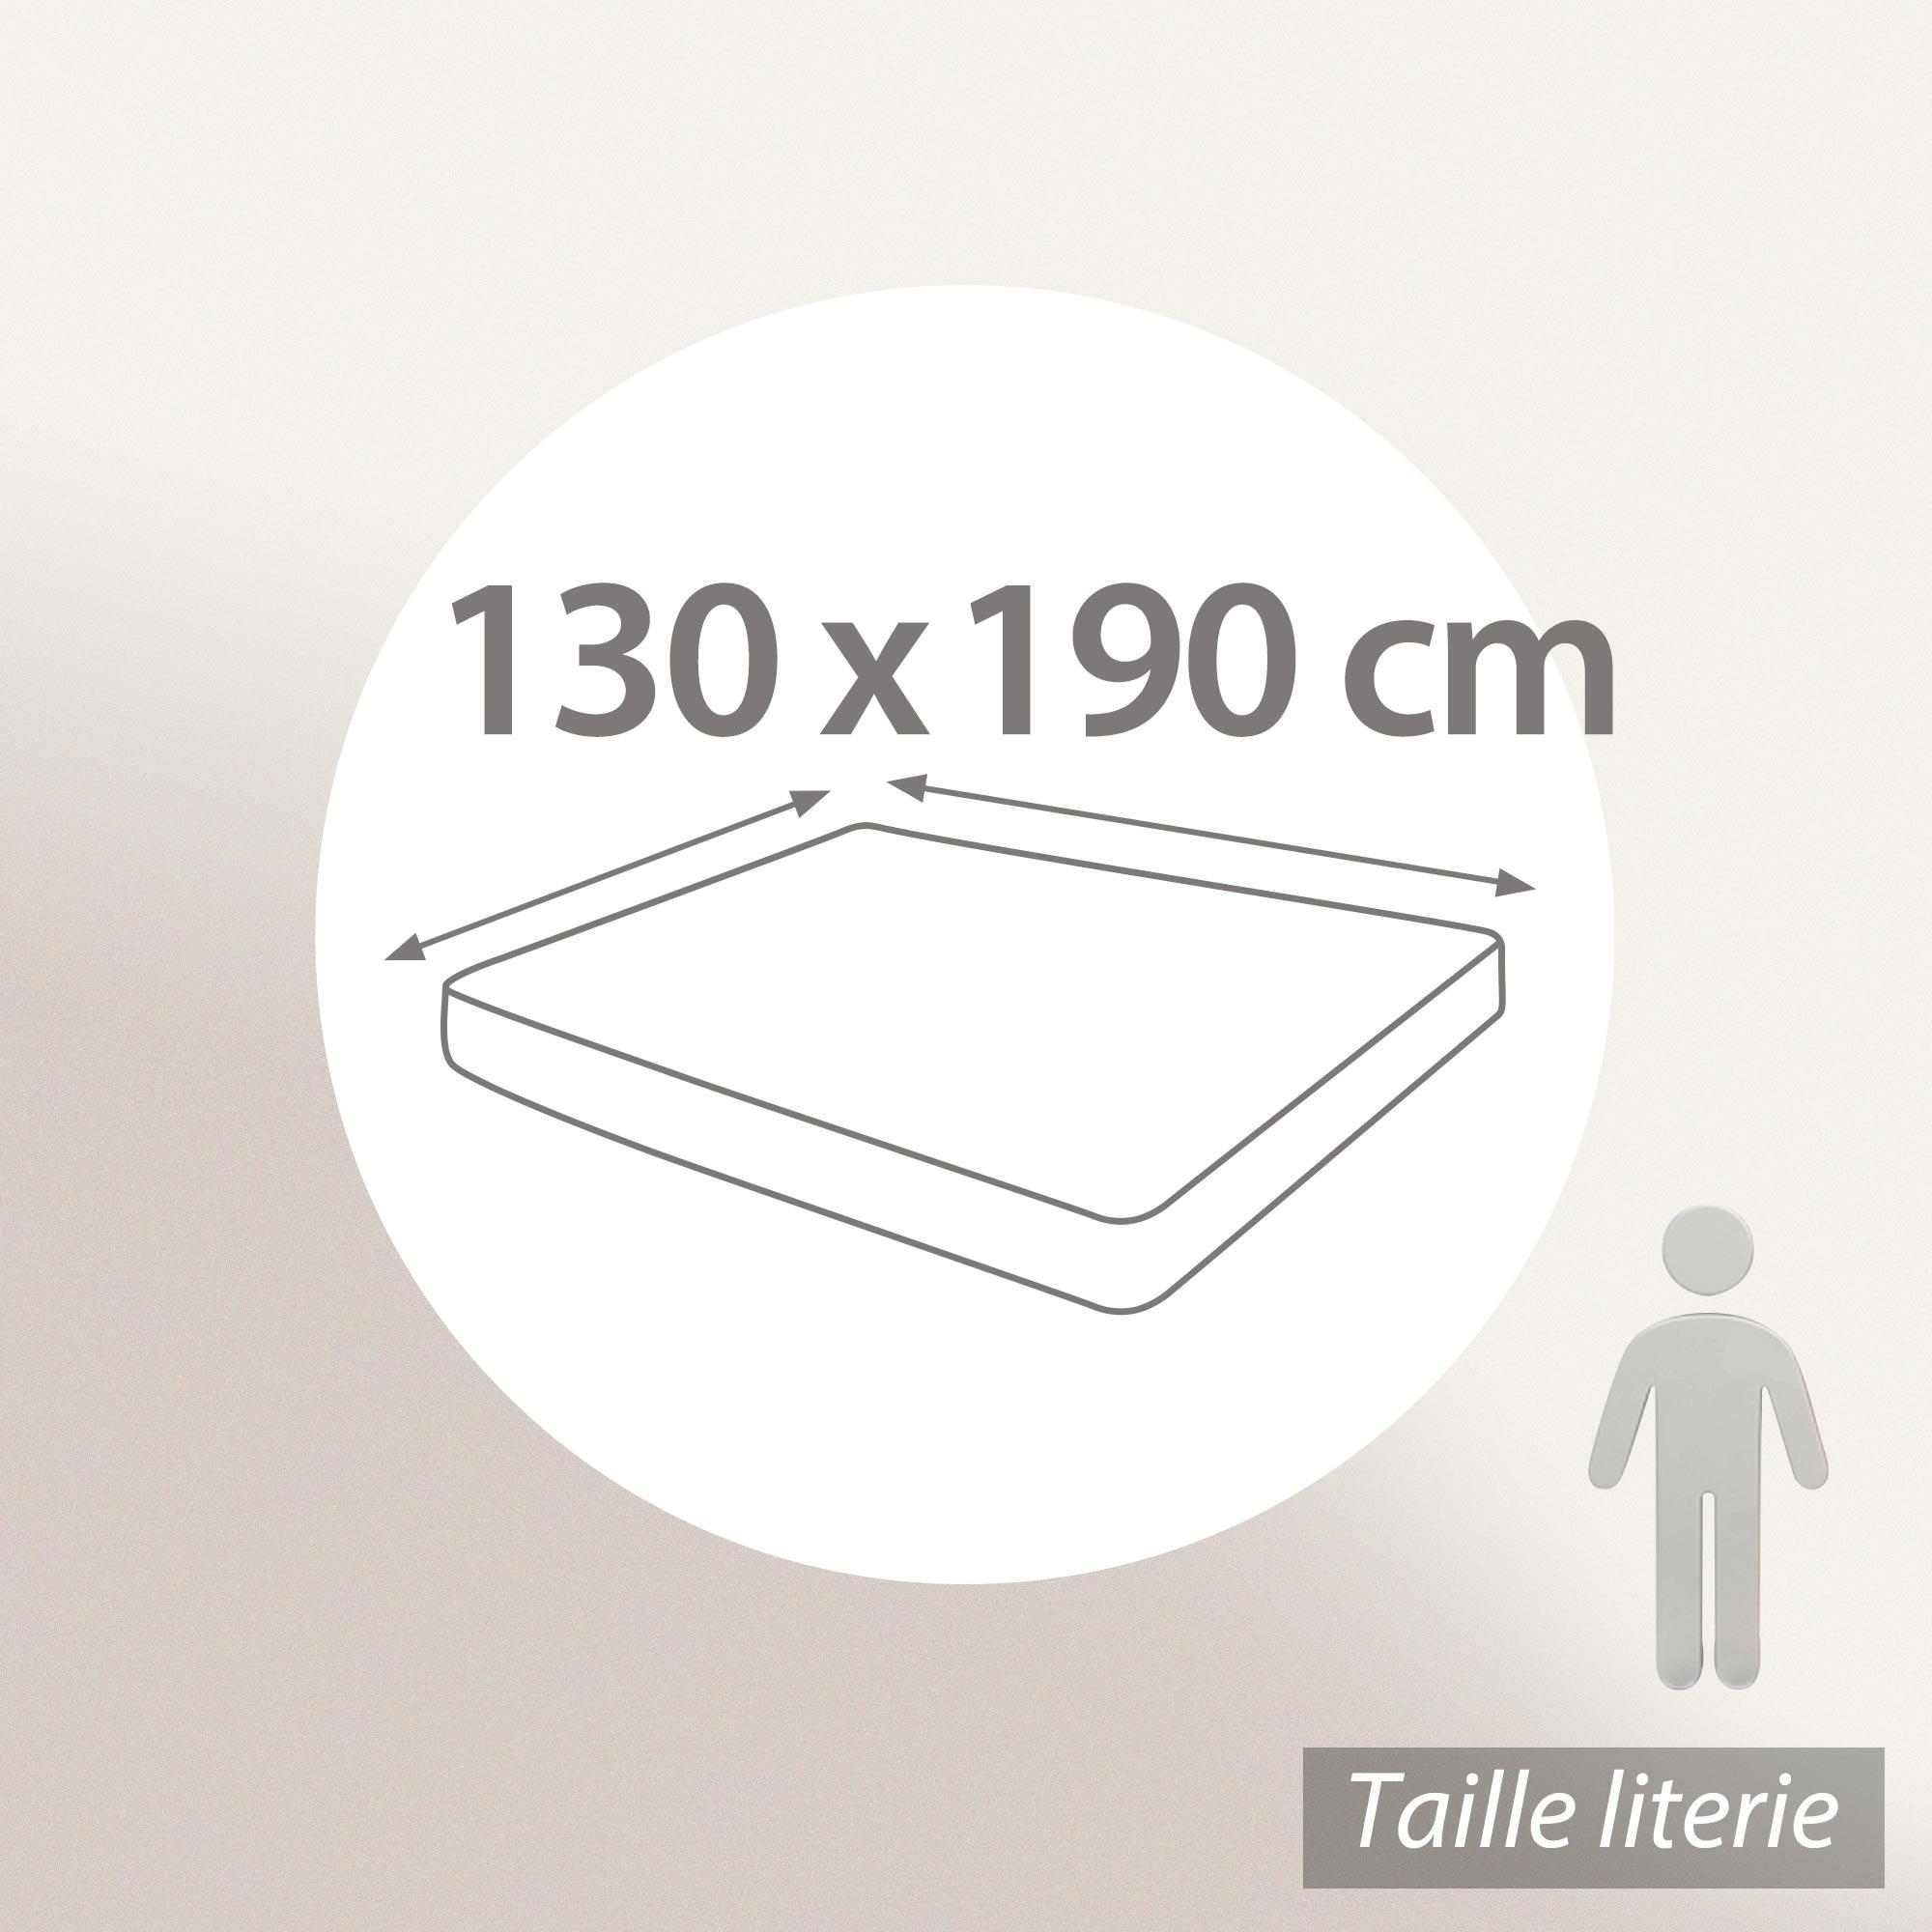 prot ge matelas 130x190 achua molleton 100 coton 400g m2 bonnet 30cm eur 40 39 picclick fr. Black Bedroom Furniture Sets. Home Design Ideas